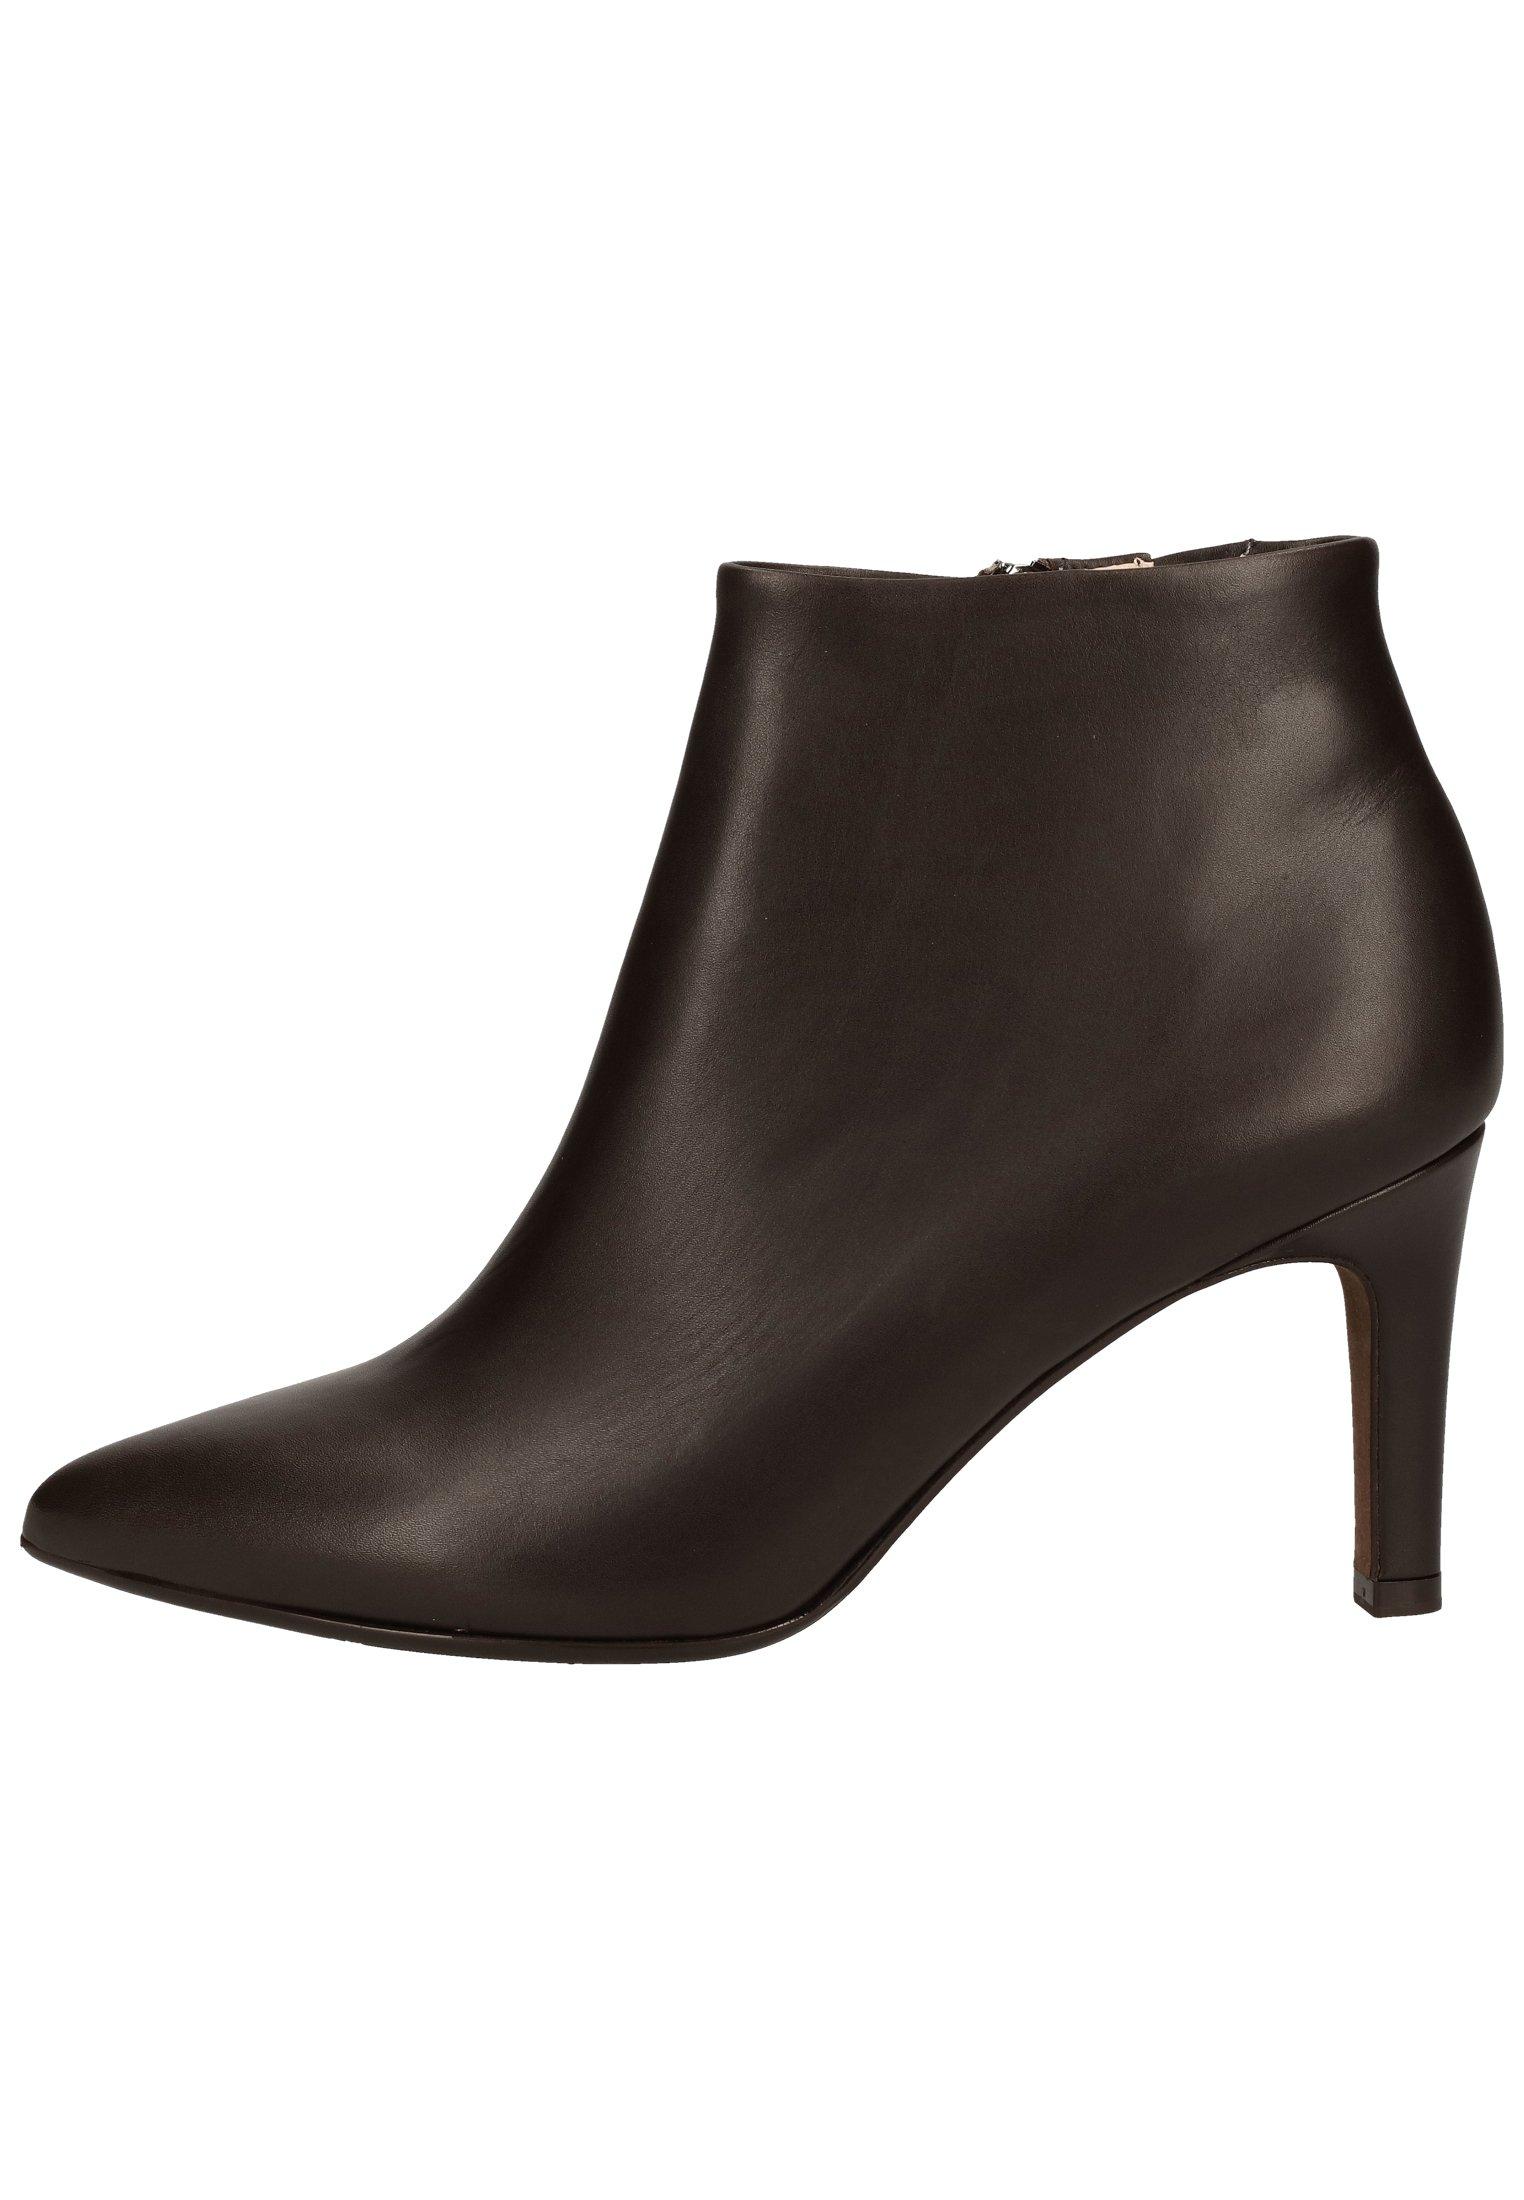 Peter Kaiser Bottines à talons hauts - nuba 337 - Chaussures à talons femme En ligne